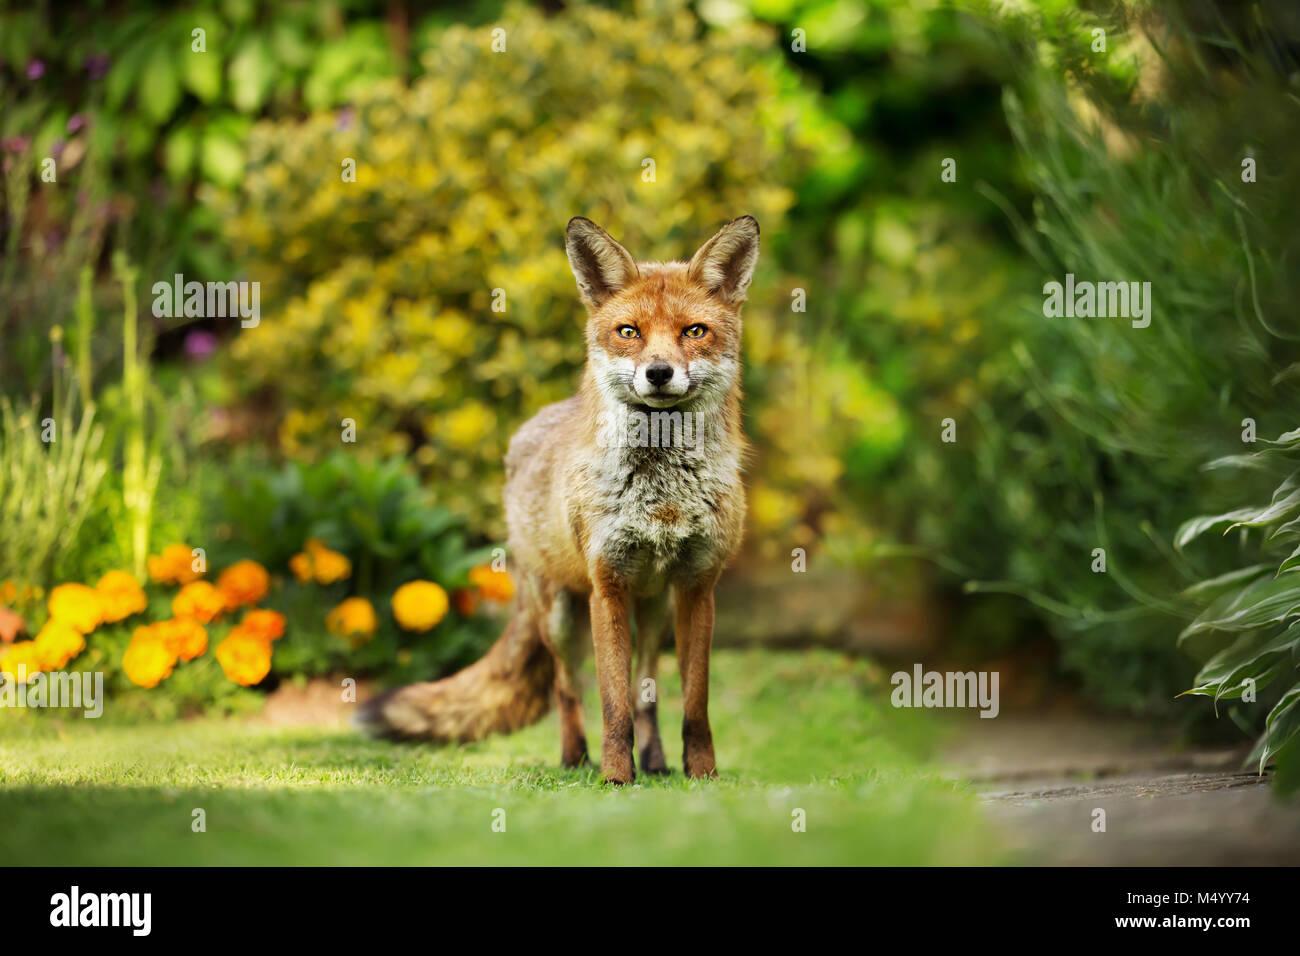 Red Fox debout dans le jardin de fleurs, l'été au Royaume-Uni. Photo Stock